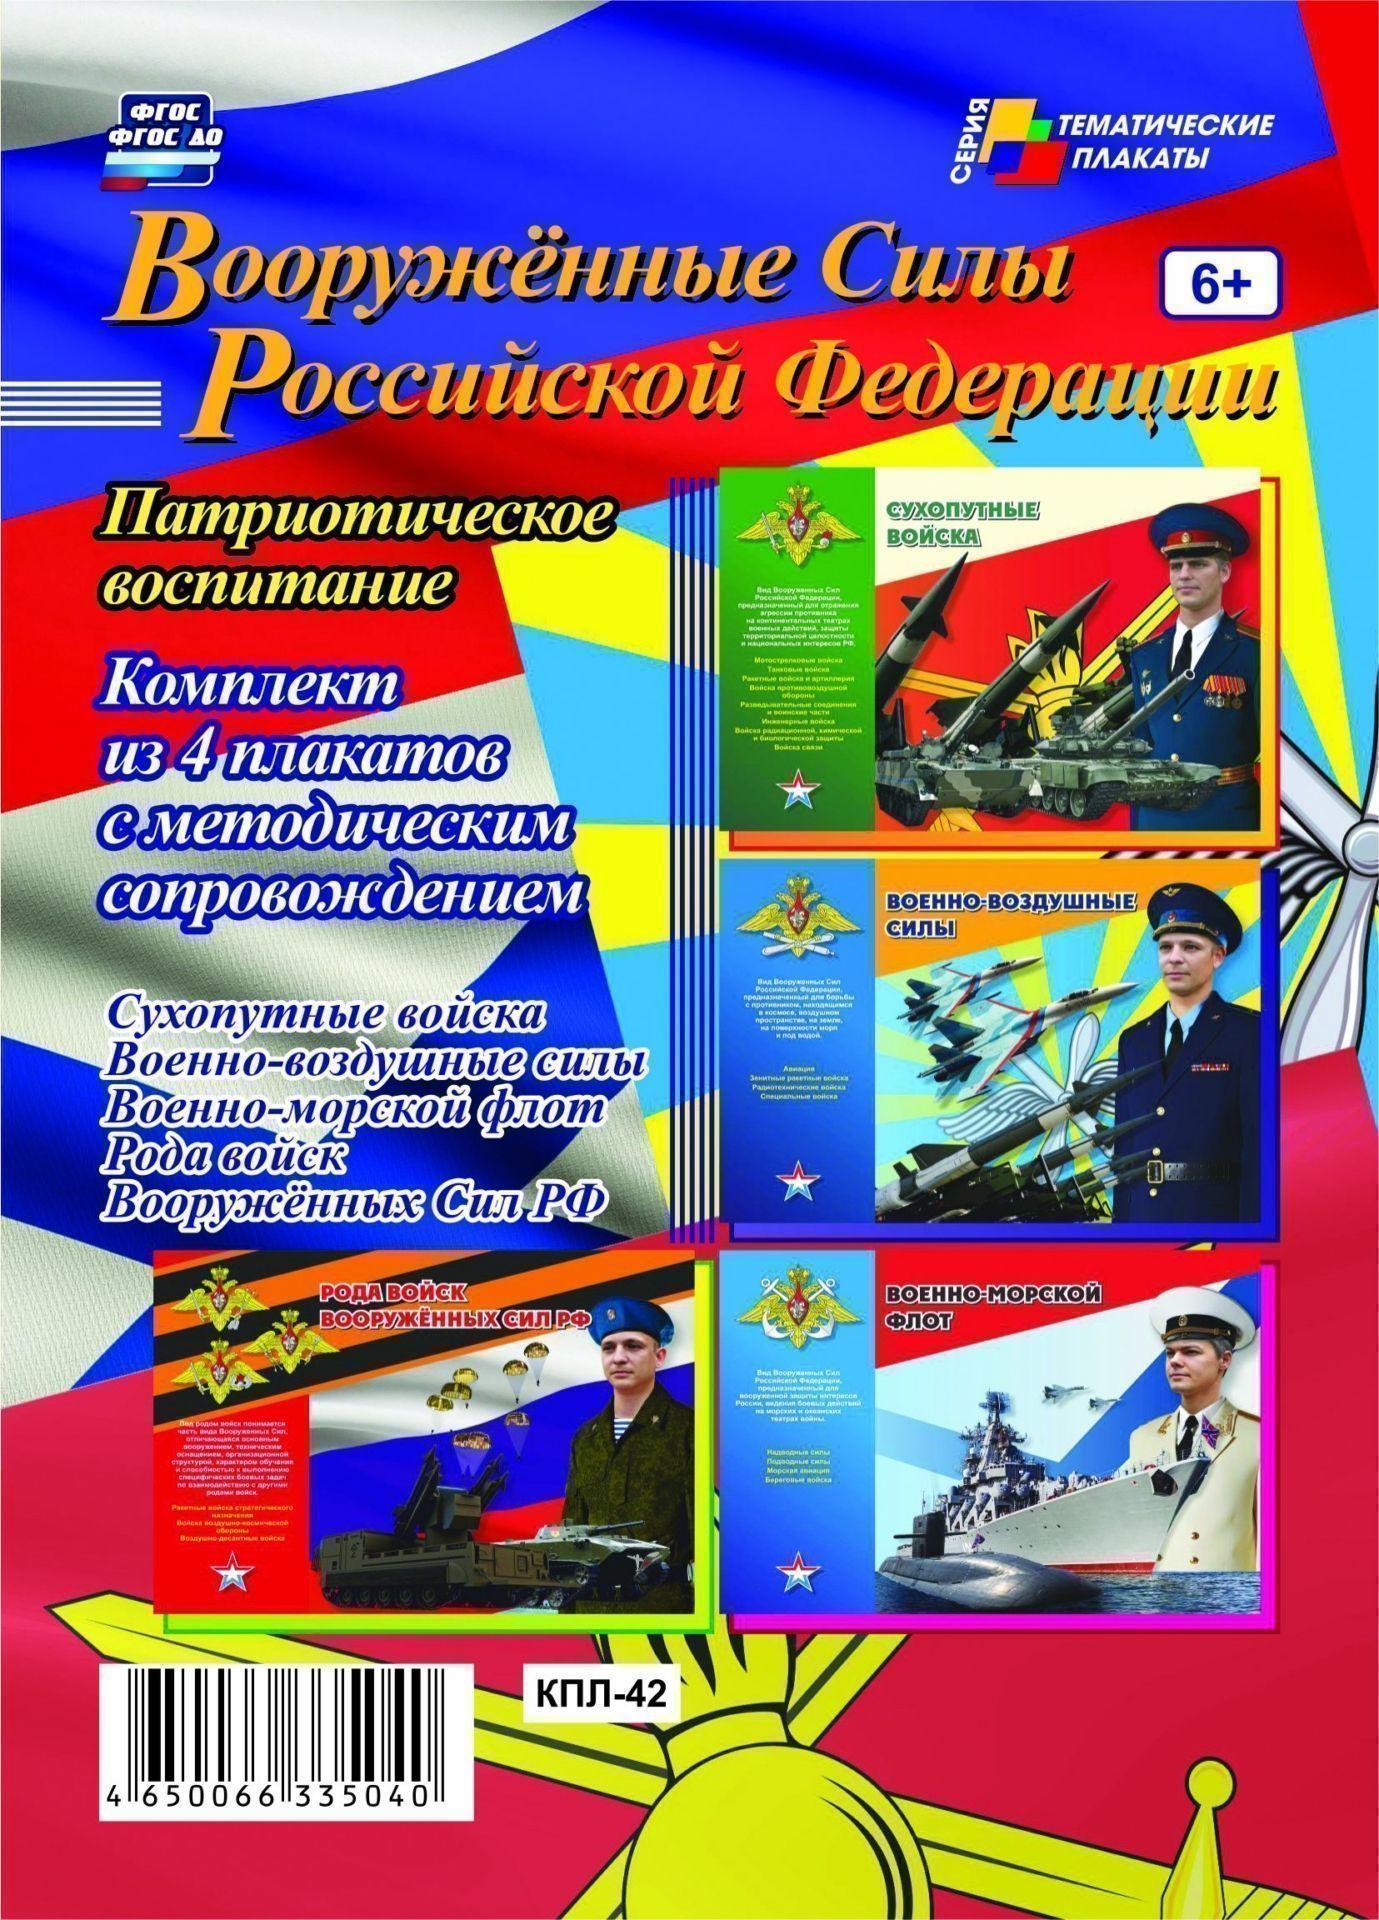 Комплект плакатов Вооружённые силы Российской Федерации (4 плаката с методическим сопровождением)Информационно-деловое оснащение ДОО<br>.<br><br>Год: 2017<br>Серия: Тематические плакаты<br>Высота: 297<br>Ширина: 420